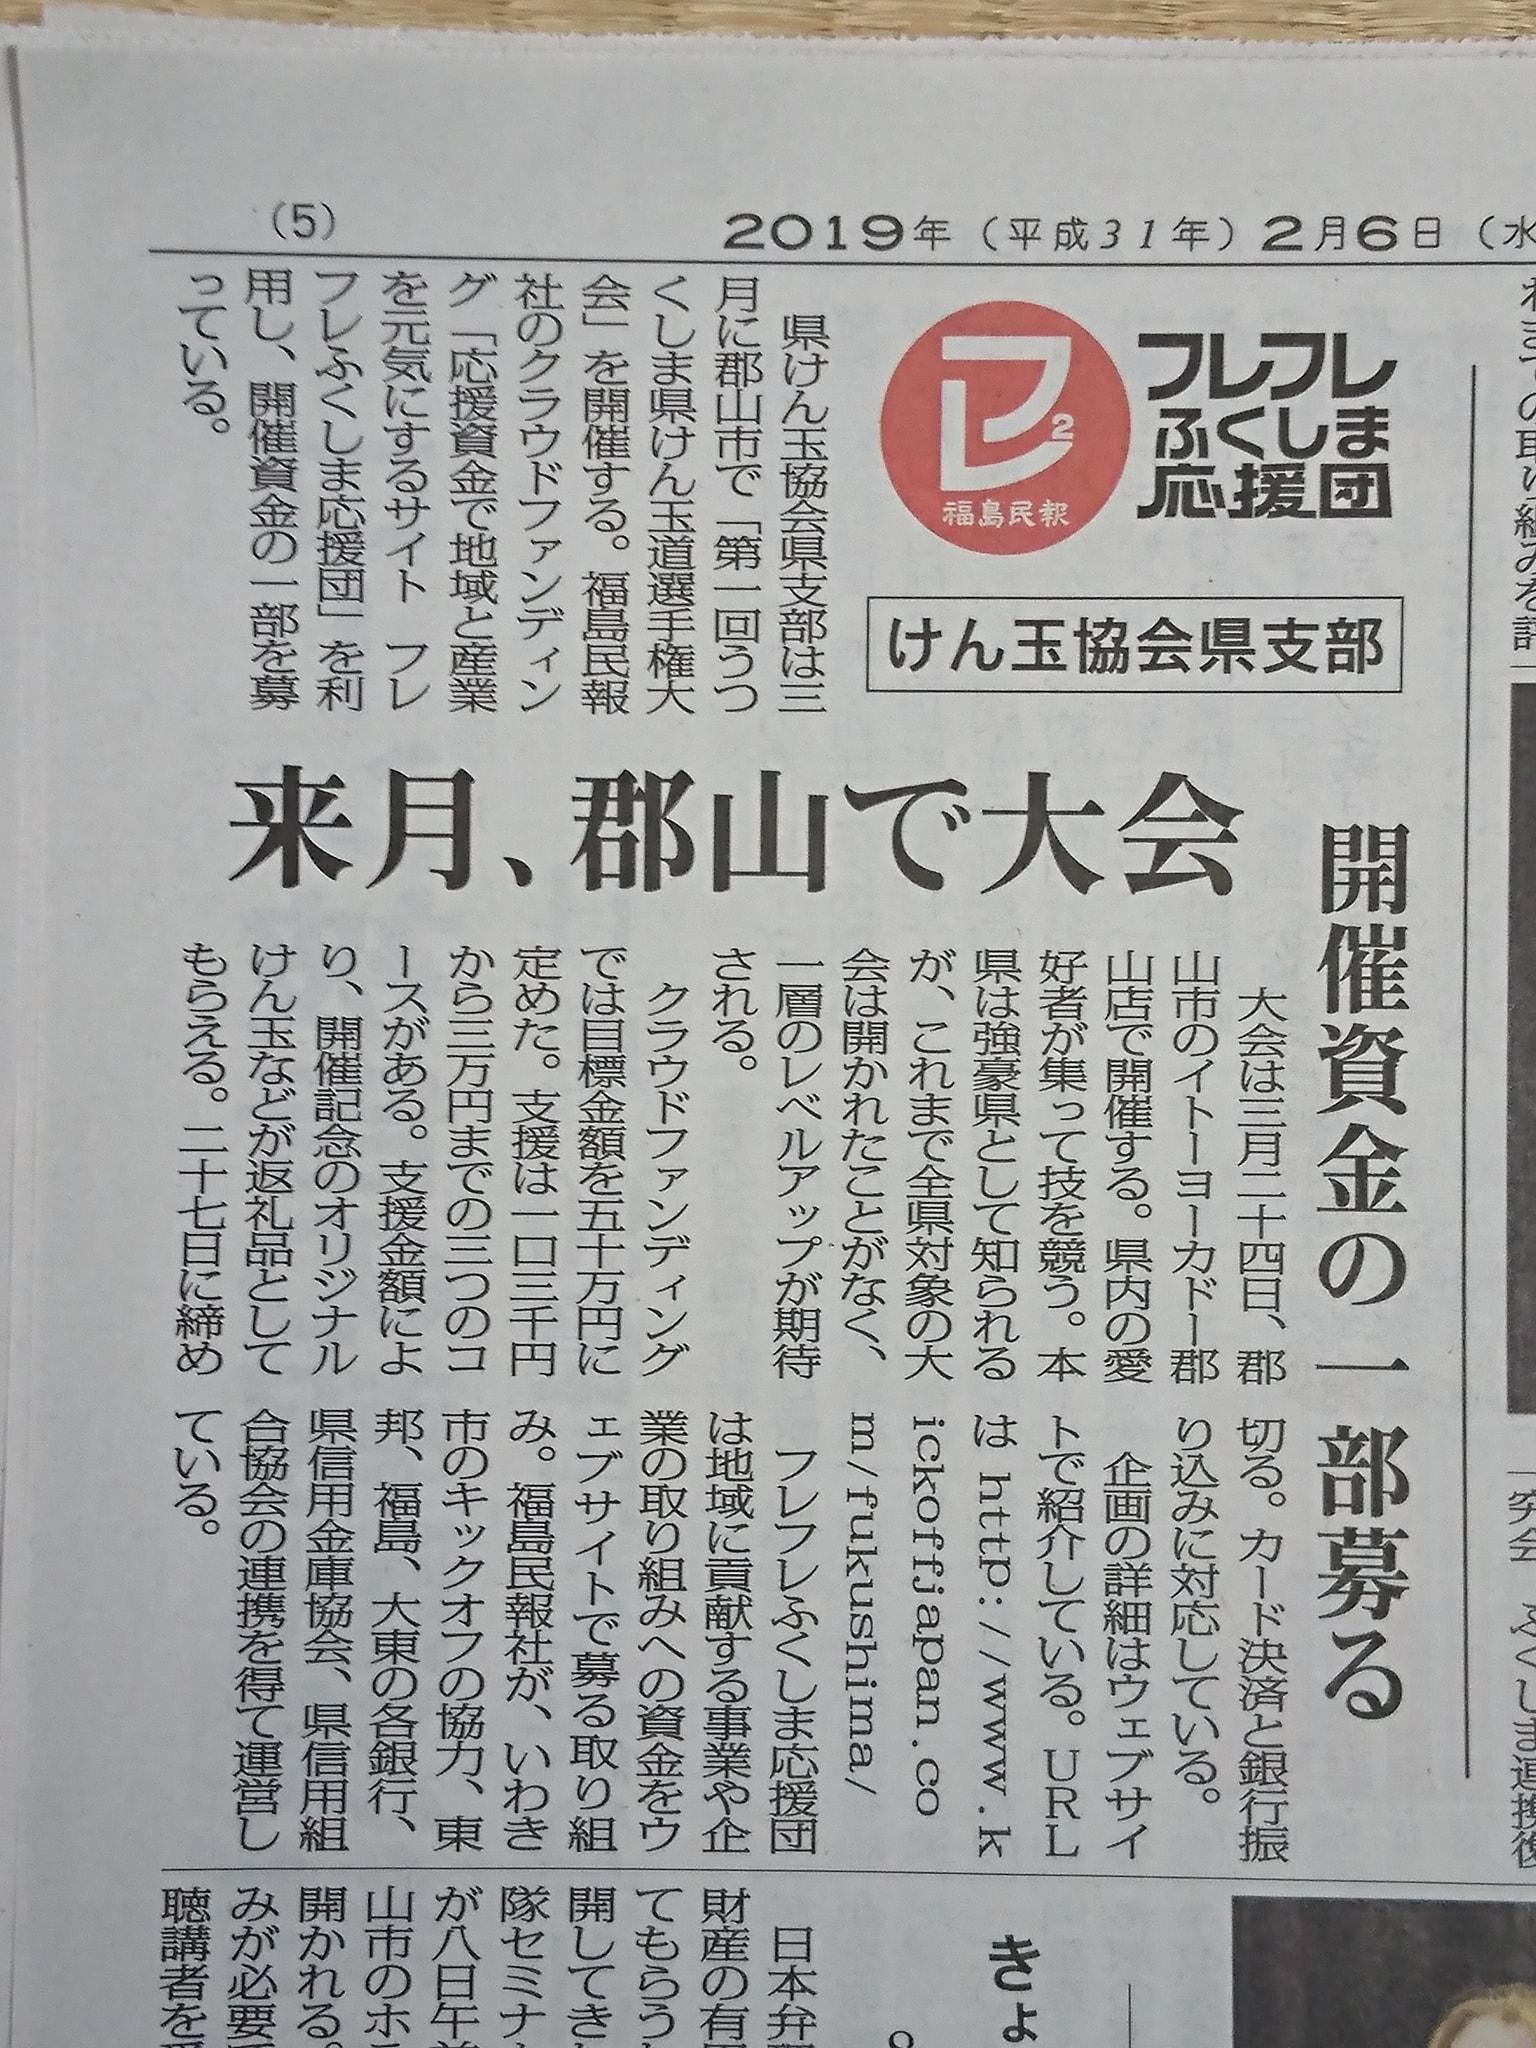 本日の福島民報社様の新聞に掲載していただきました!!